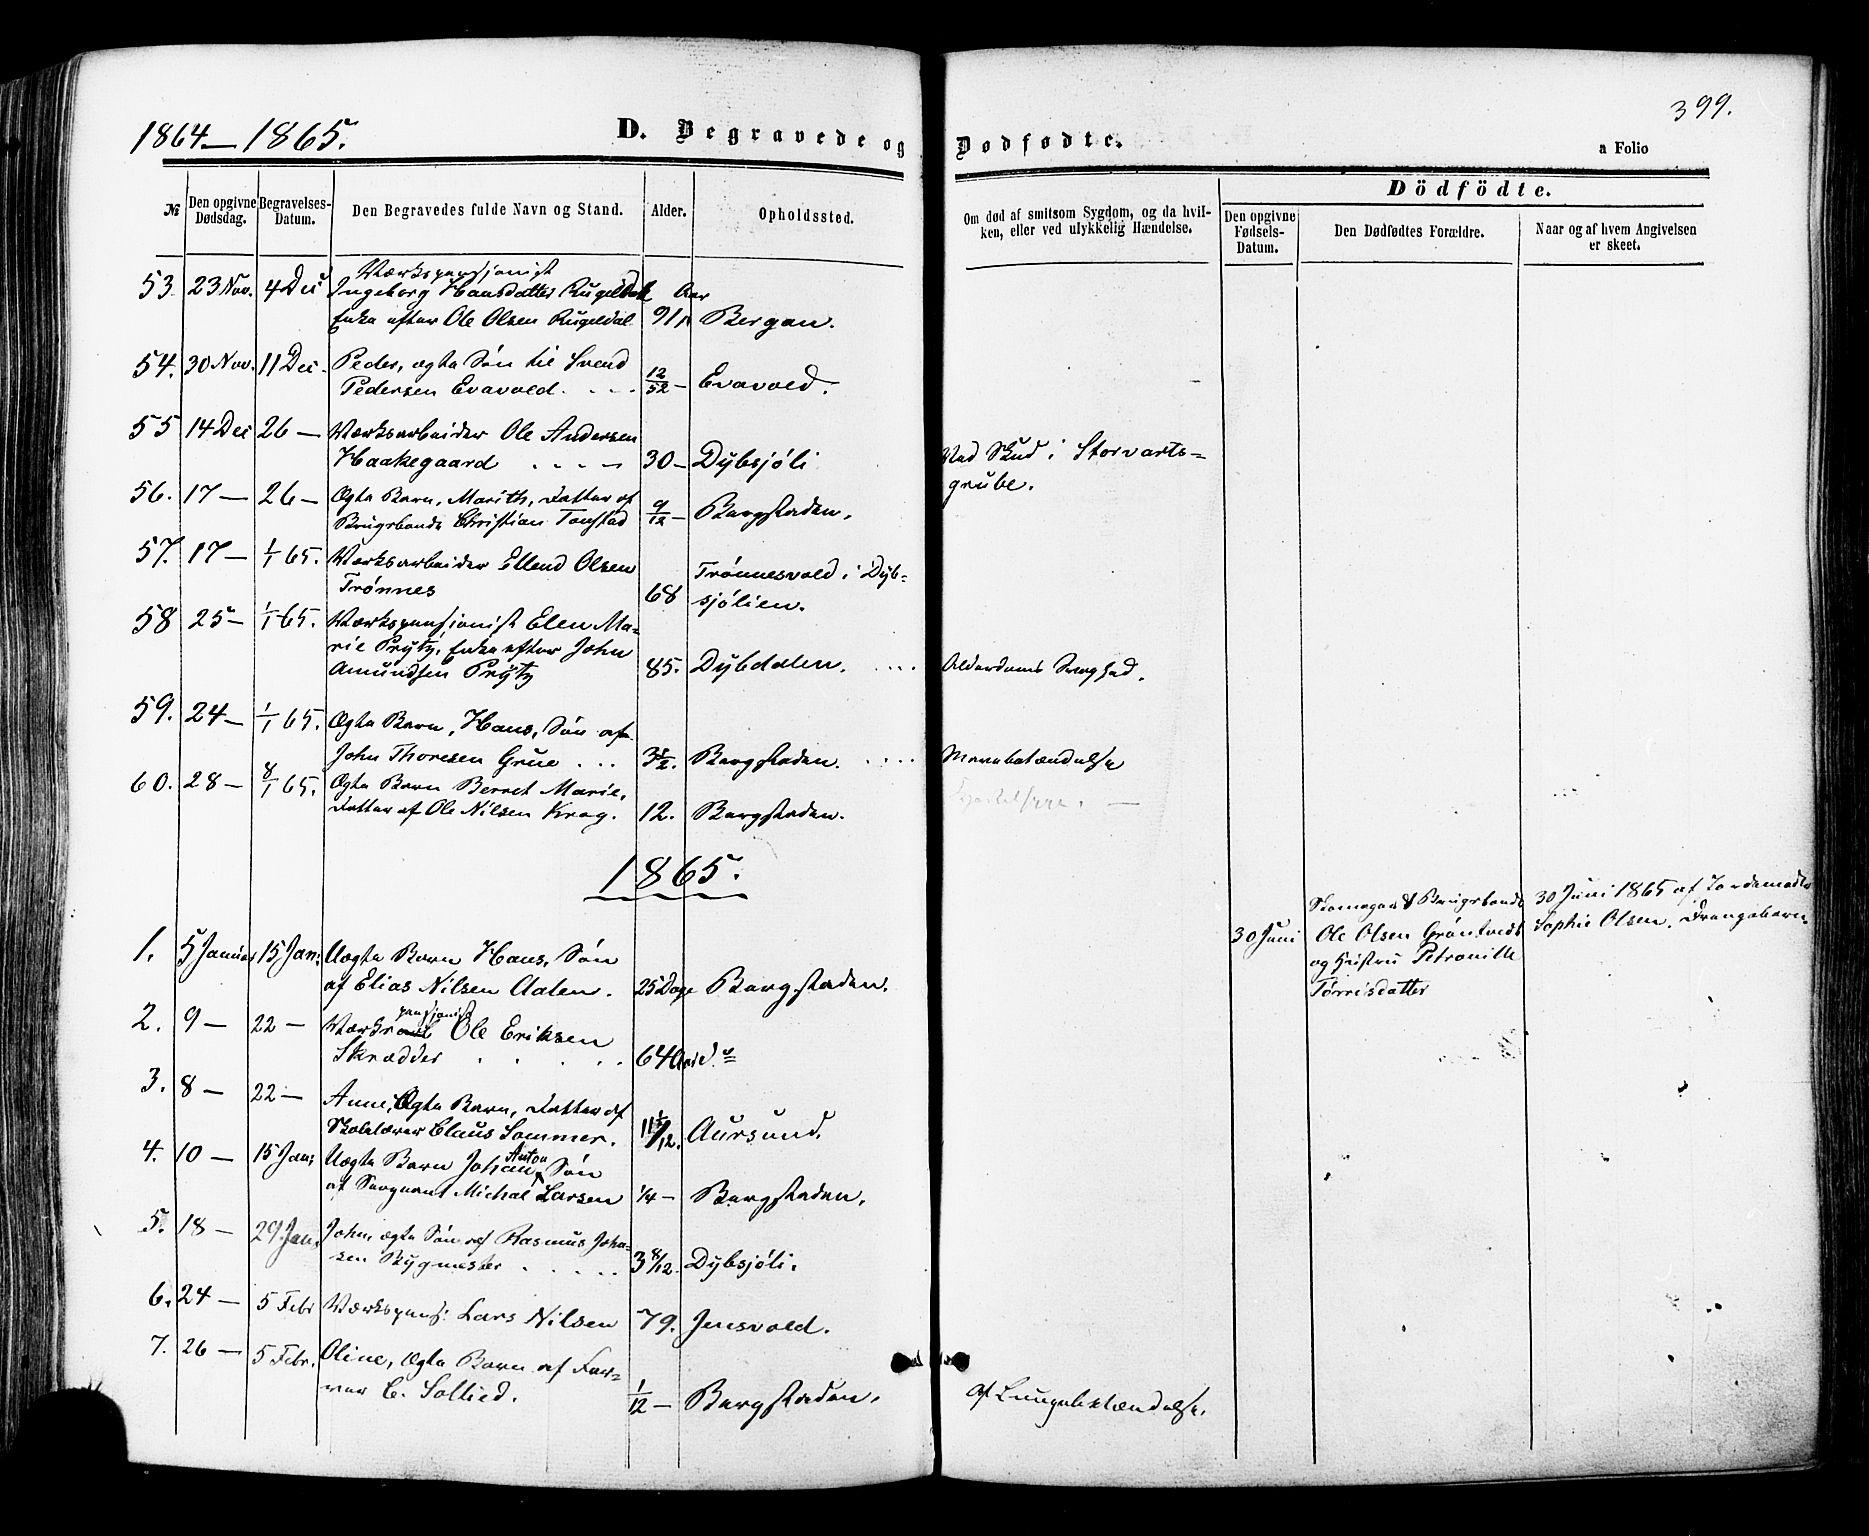 SAT, Ministerialprotokoller, klokkerbøker og fødselsregistre - Sør-Trøndelag, 681/L0932: Ministerialbok nr. 681A10, 1860-1878, s. 399